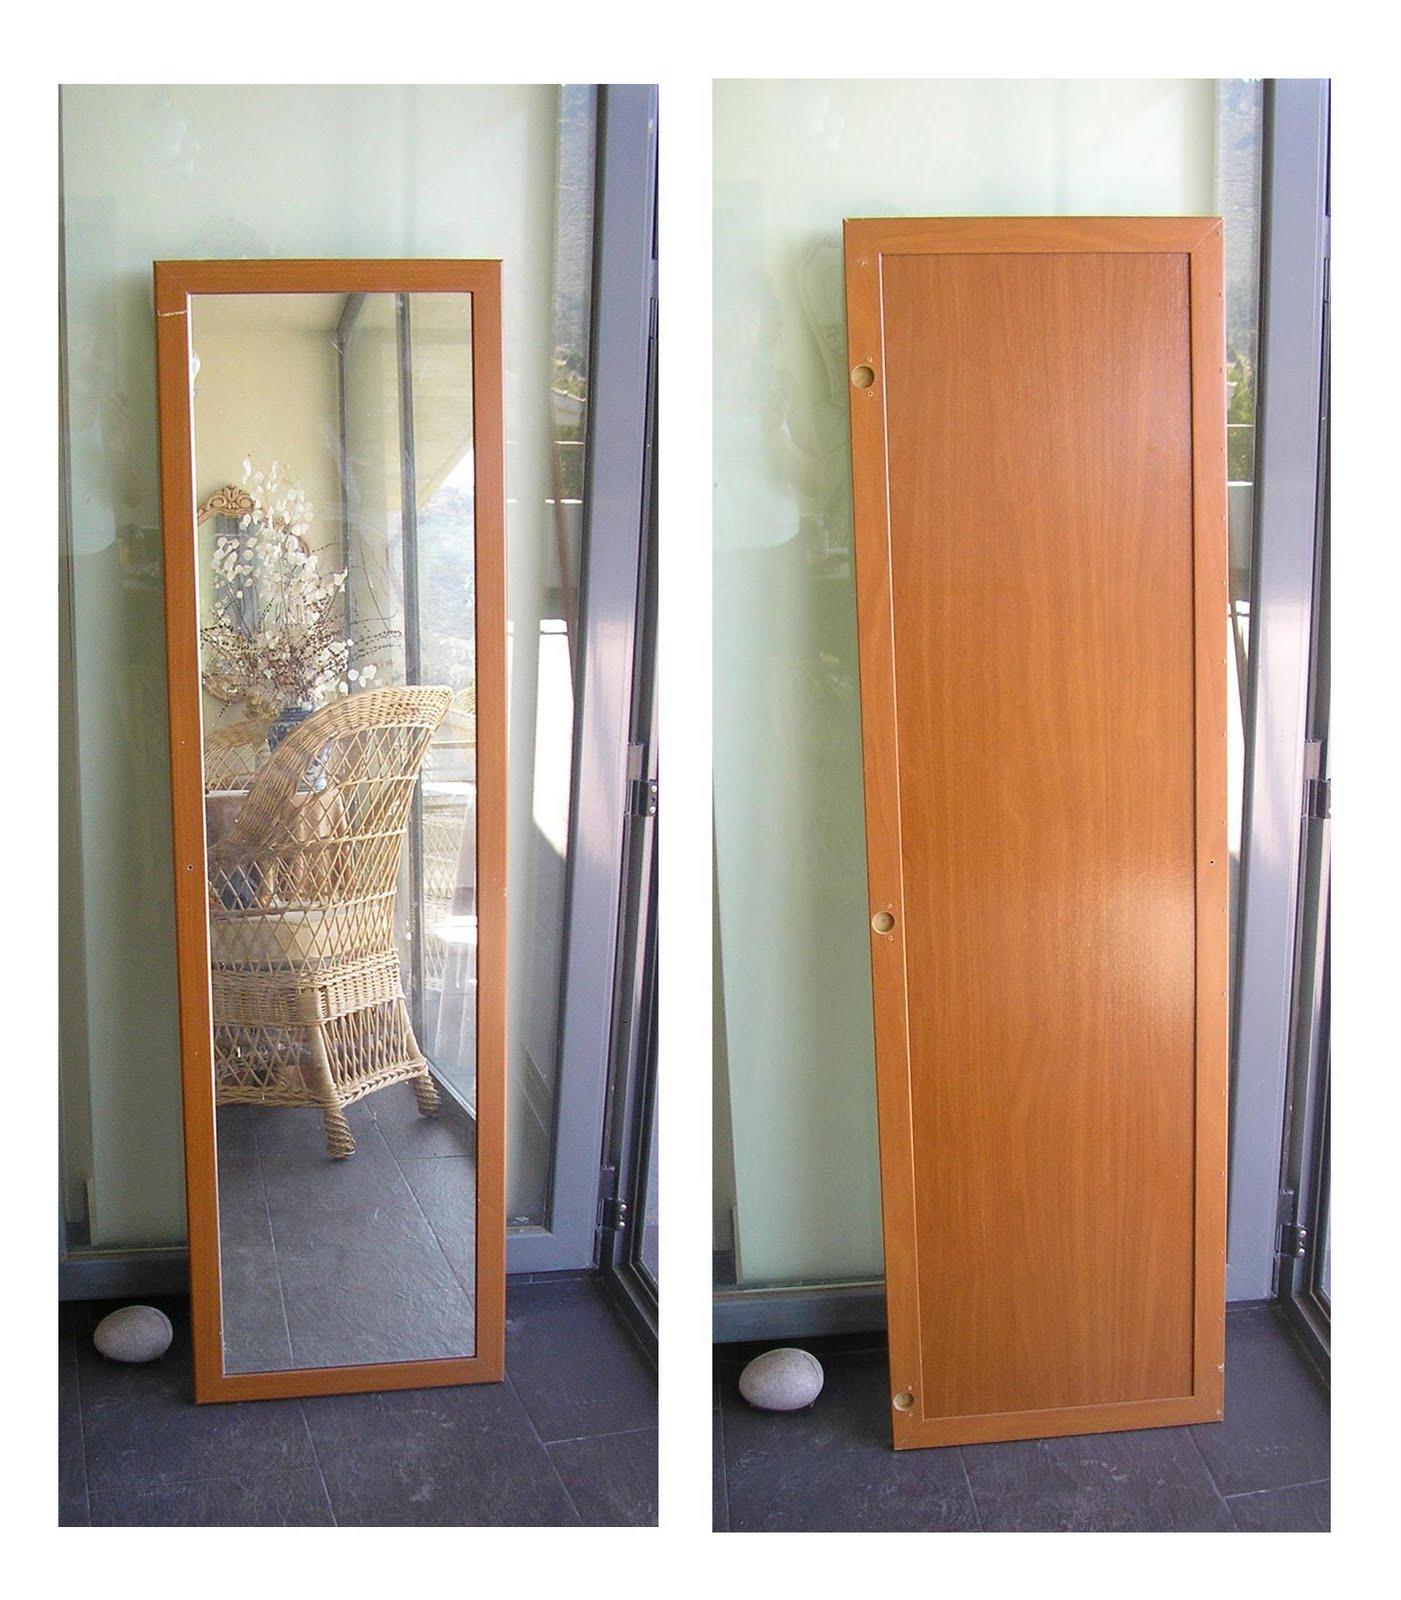 badulake de ana espejo de una puerta de armario On espejo para pegar en puerta